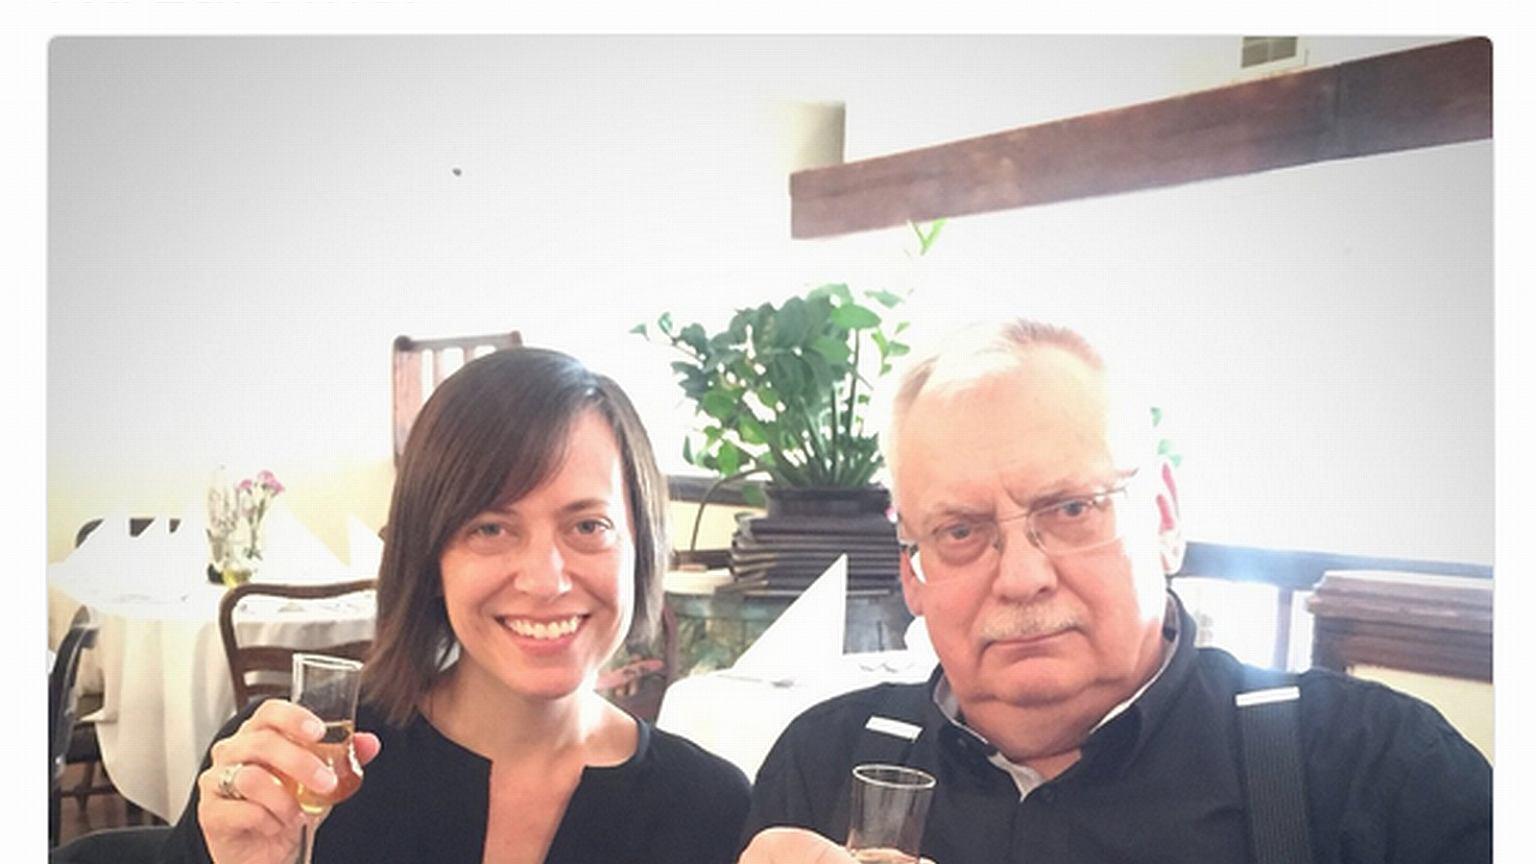 Scenarzystka serialu 'Wiedźmin'odwiedziła Polskę. Spotkała się z Sapkowskim i pochwaliła polską wódkę